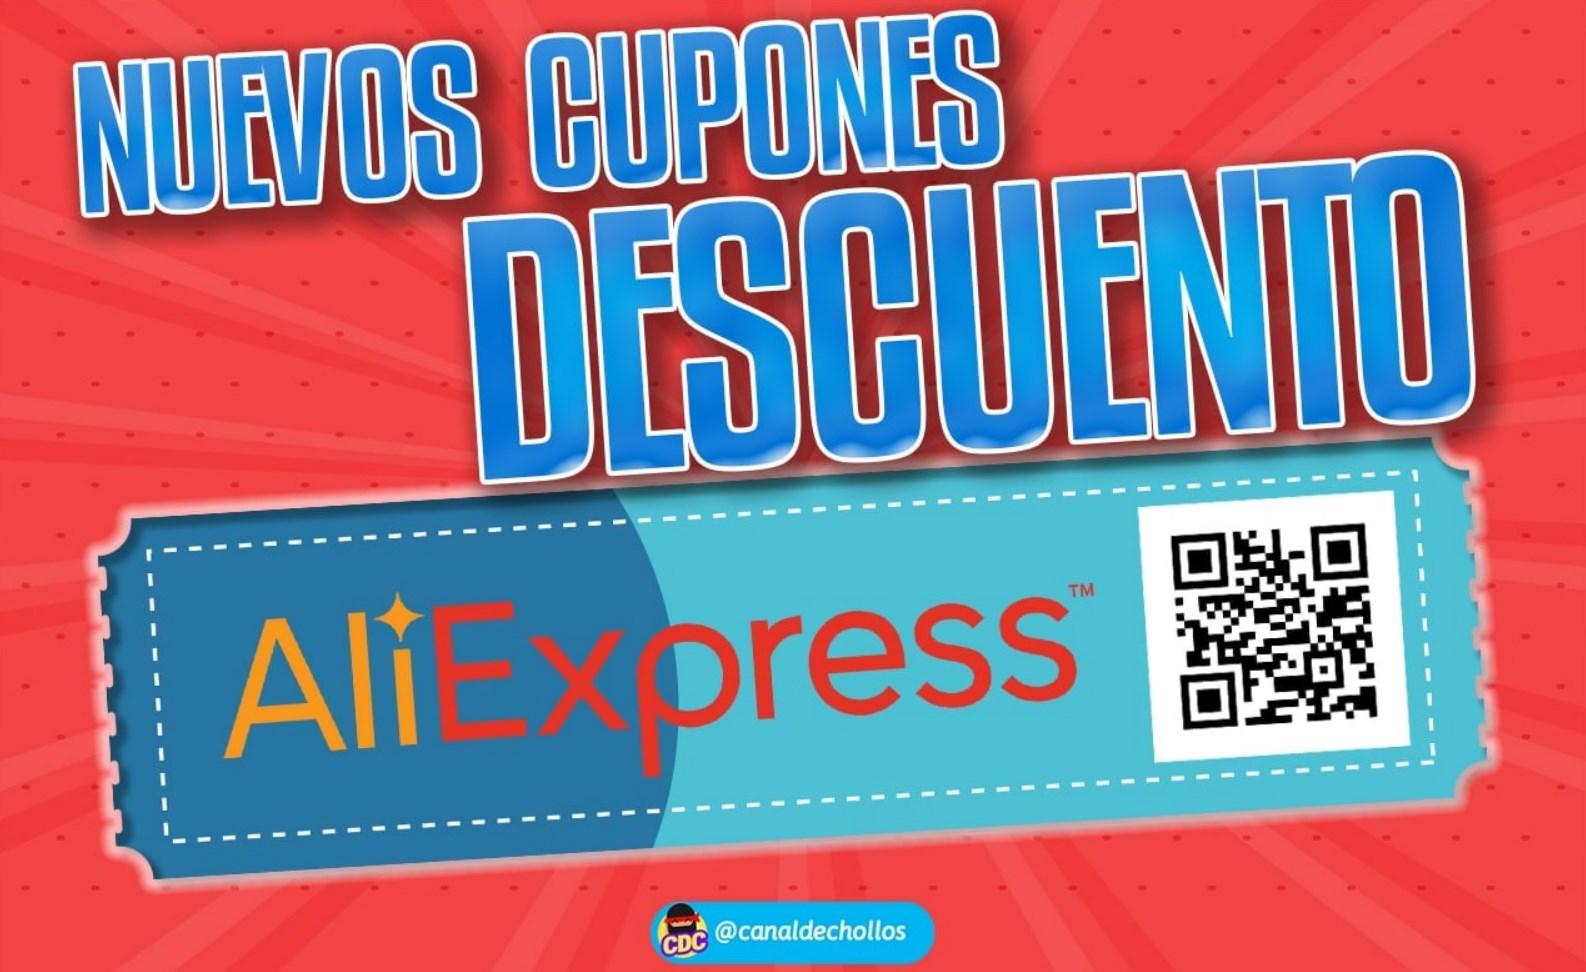 Cupones descuento para selección de productos en Aliexpress